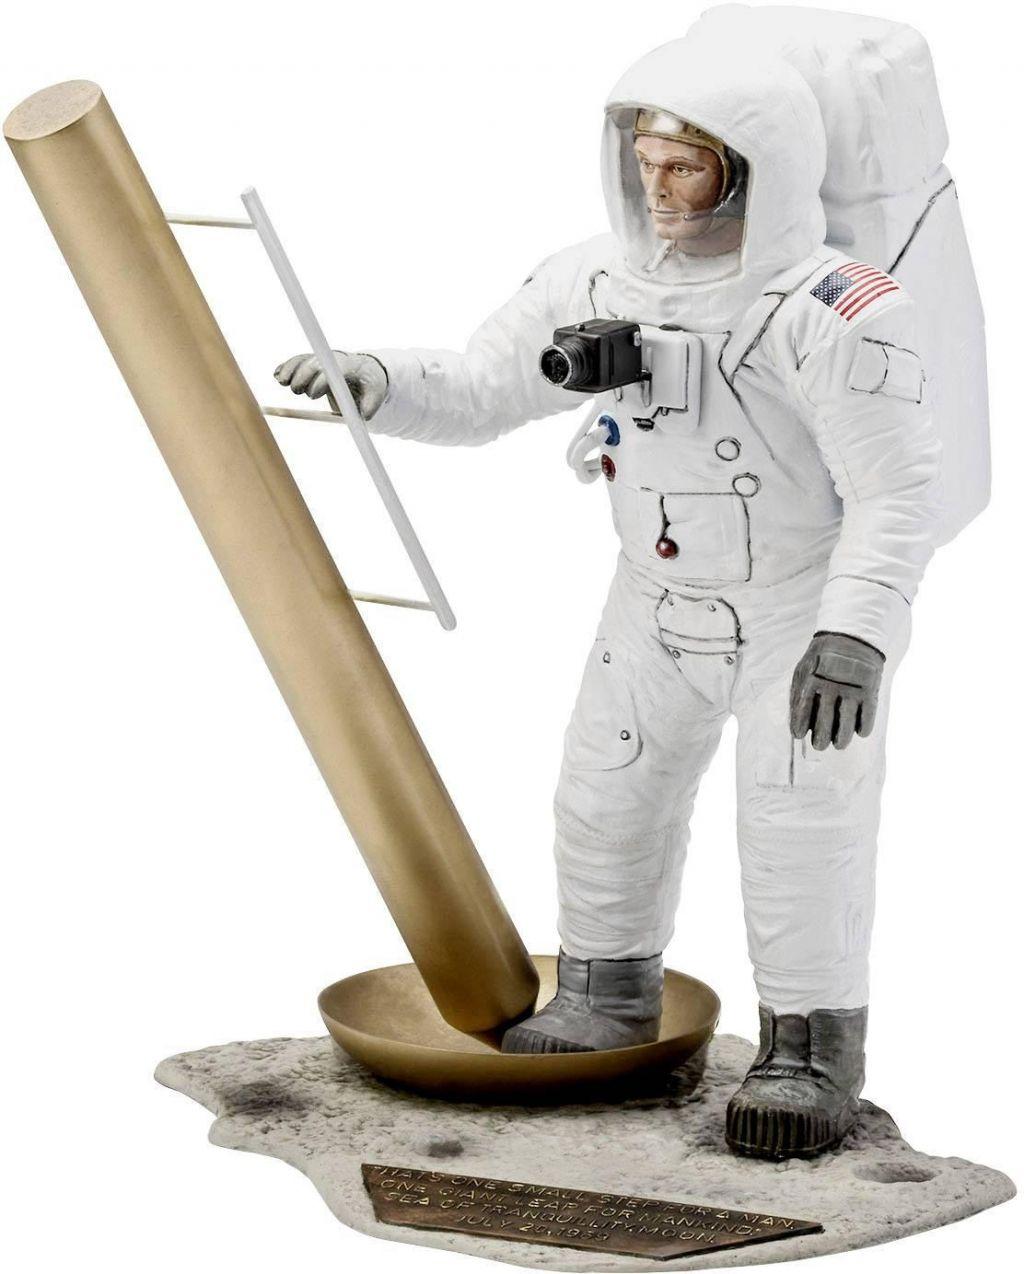 Revell model astronavta Apollo 11 Astronaut on the Moon (50 Years Moon Landing) 03702 1